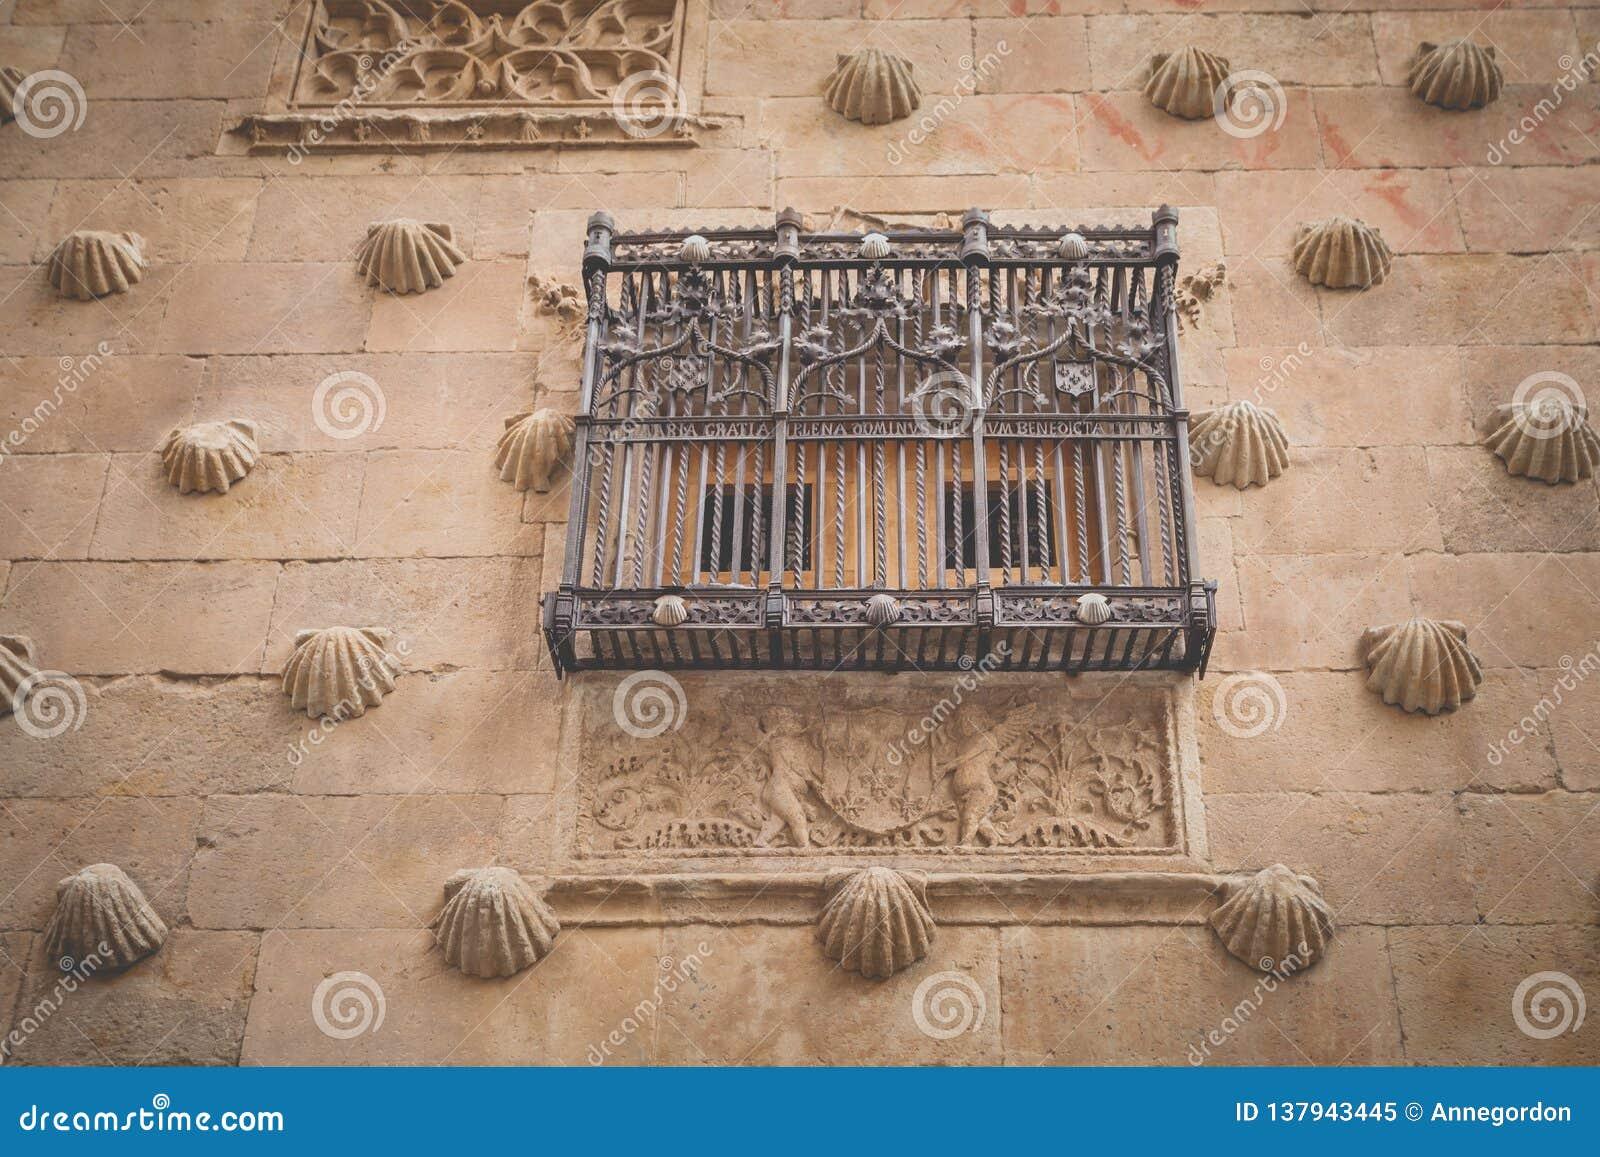 Façade Casa de las Conchas in Salamanca